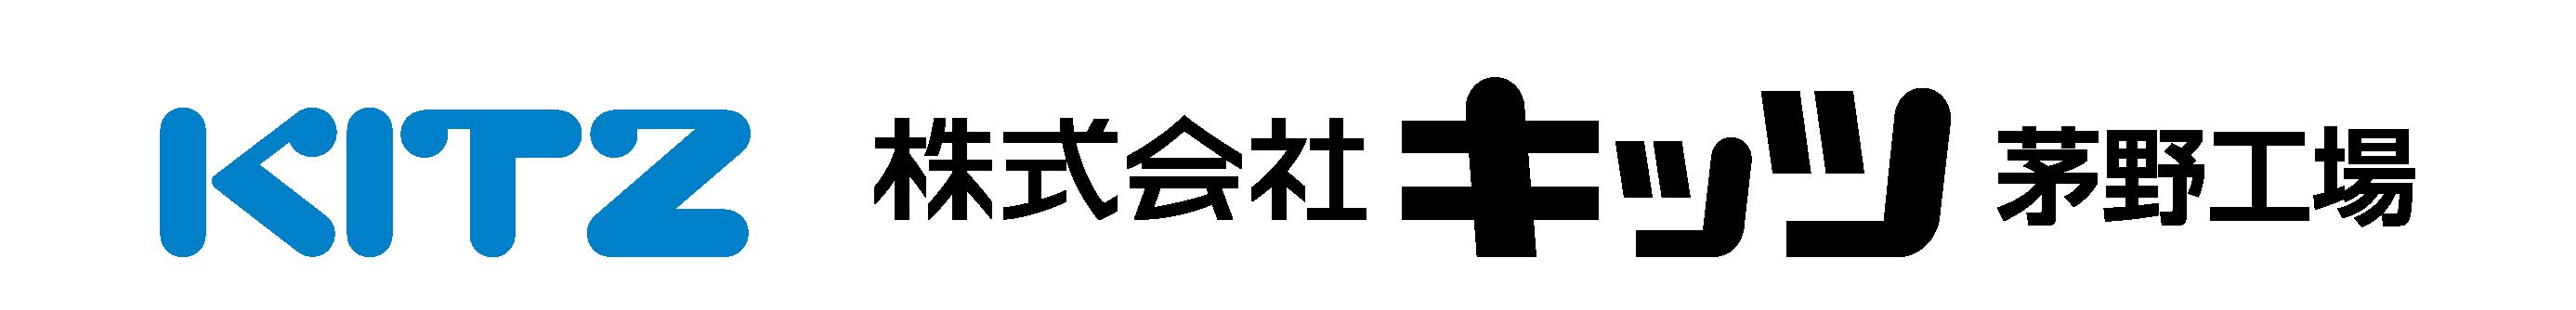 株式会社キッツ茅野工場